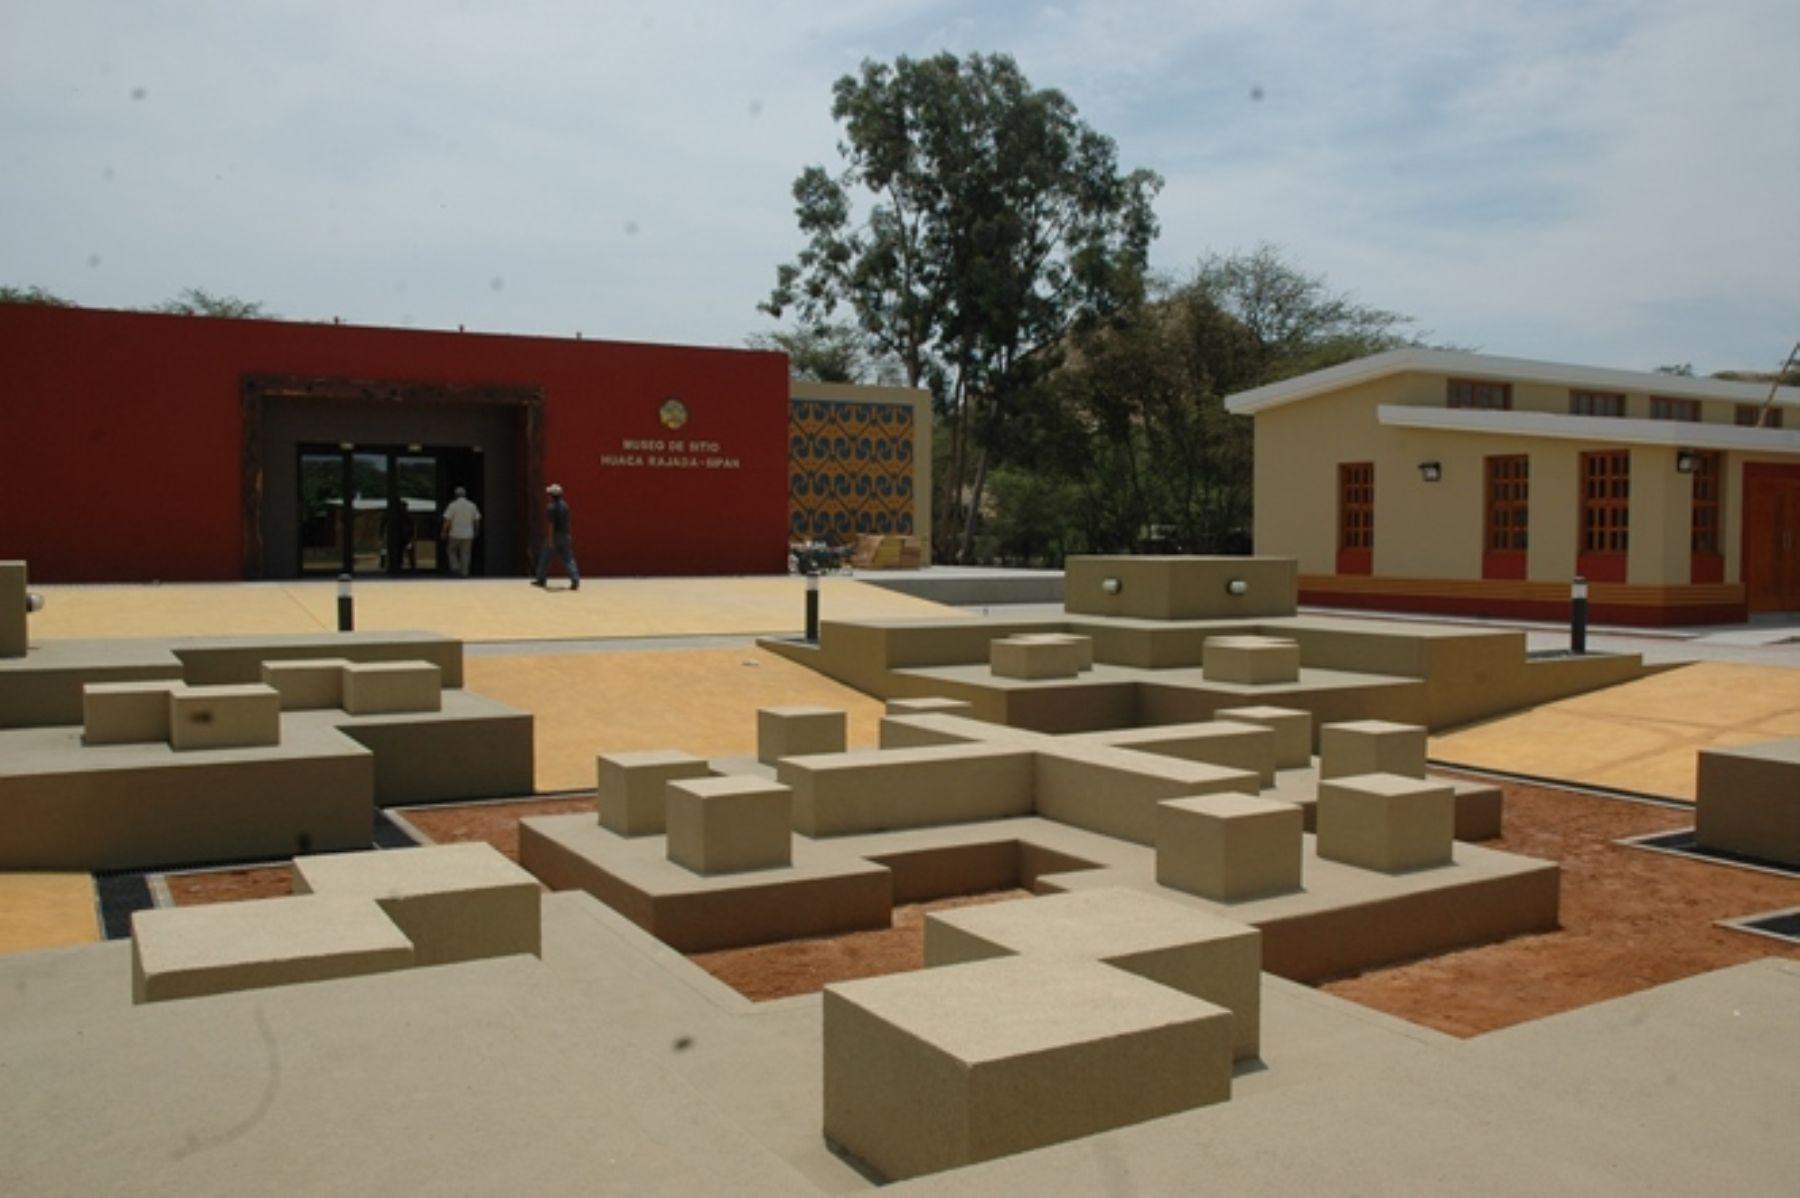 Lambayeque impulsará la construcción de museos de sitio como el de Huaca Rajada Sipán.